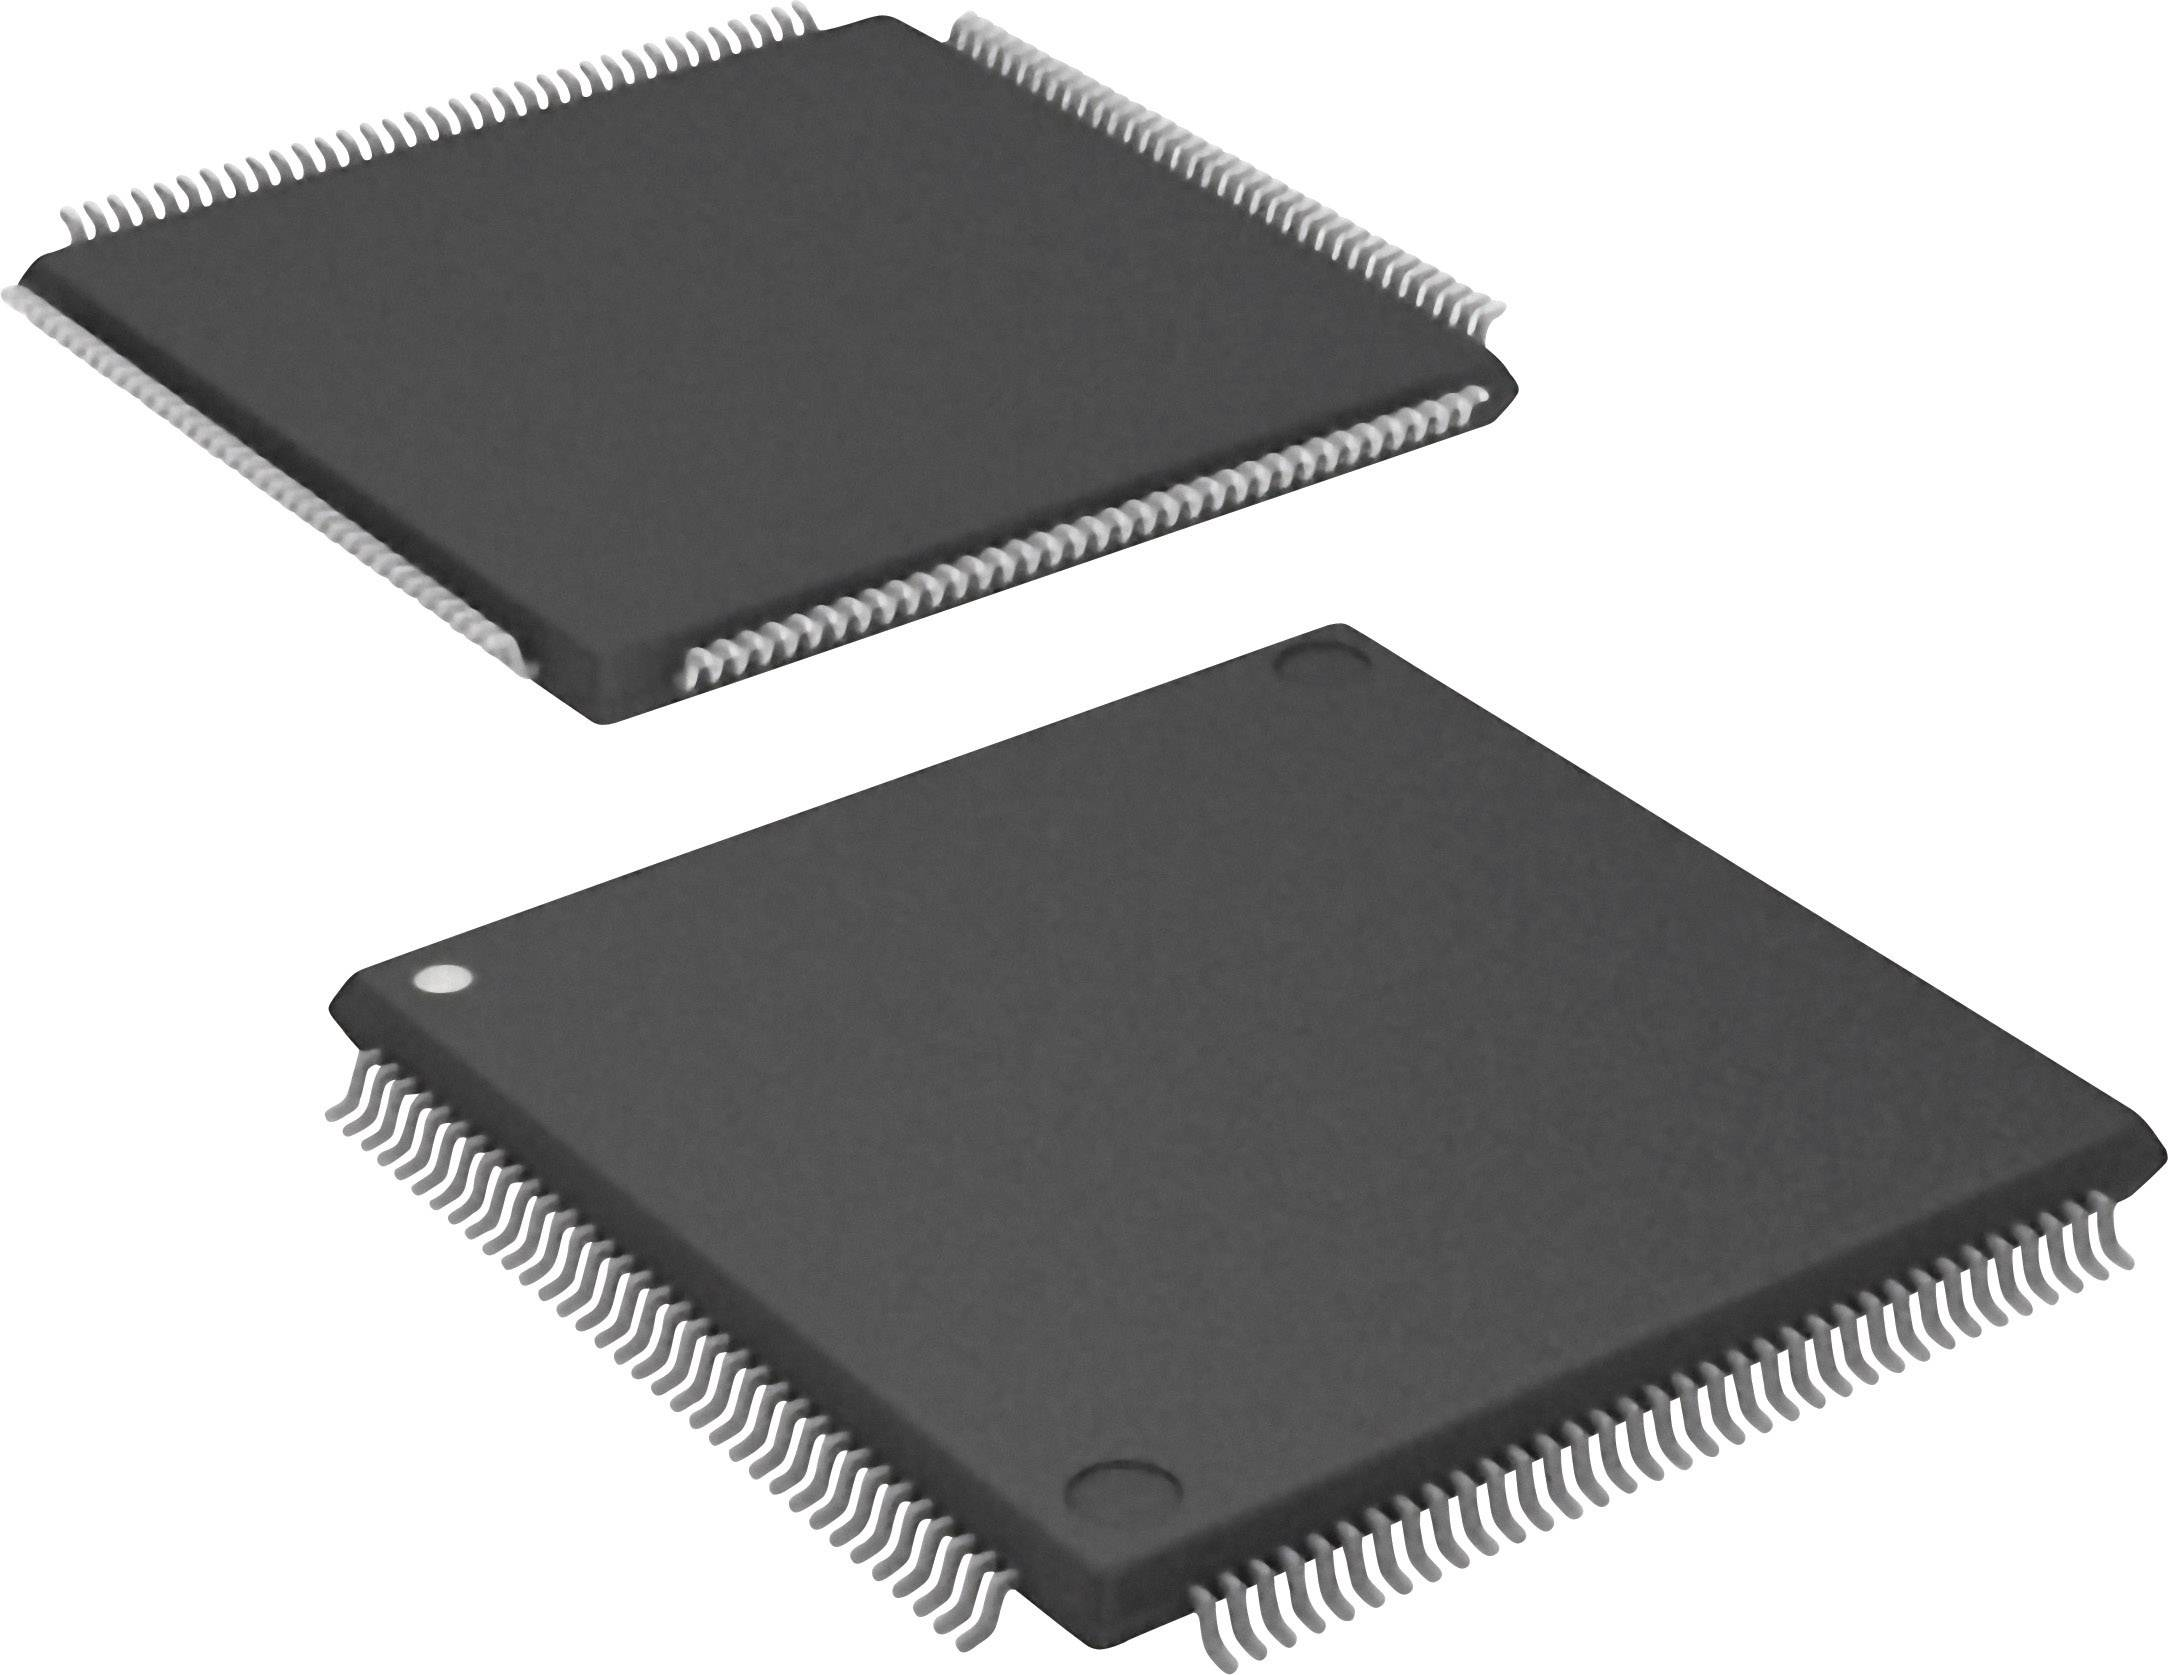 Mikroradič Infineon Technologies SAF-XC167CI-16F40F BB, TQFP-144 (20x20), 16-Bit, 40 MHz, I/O 103